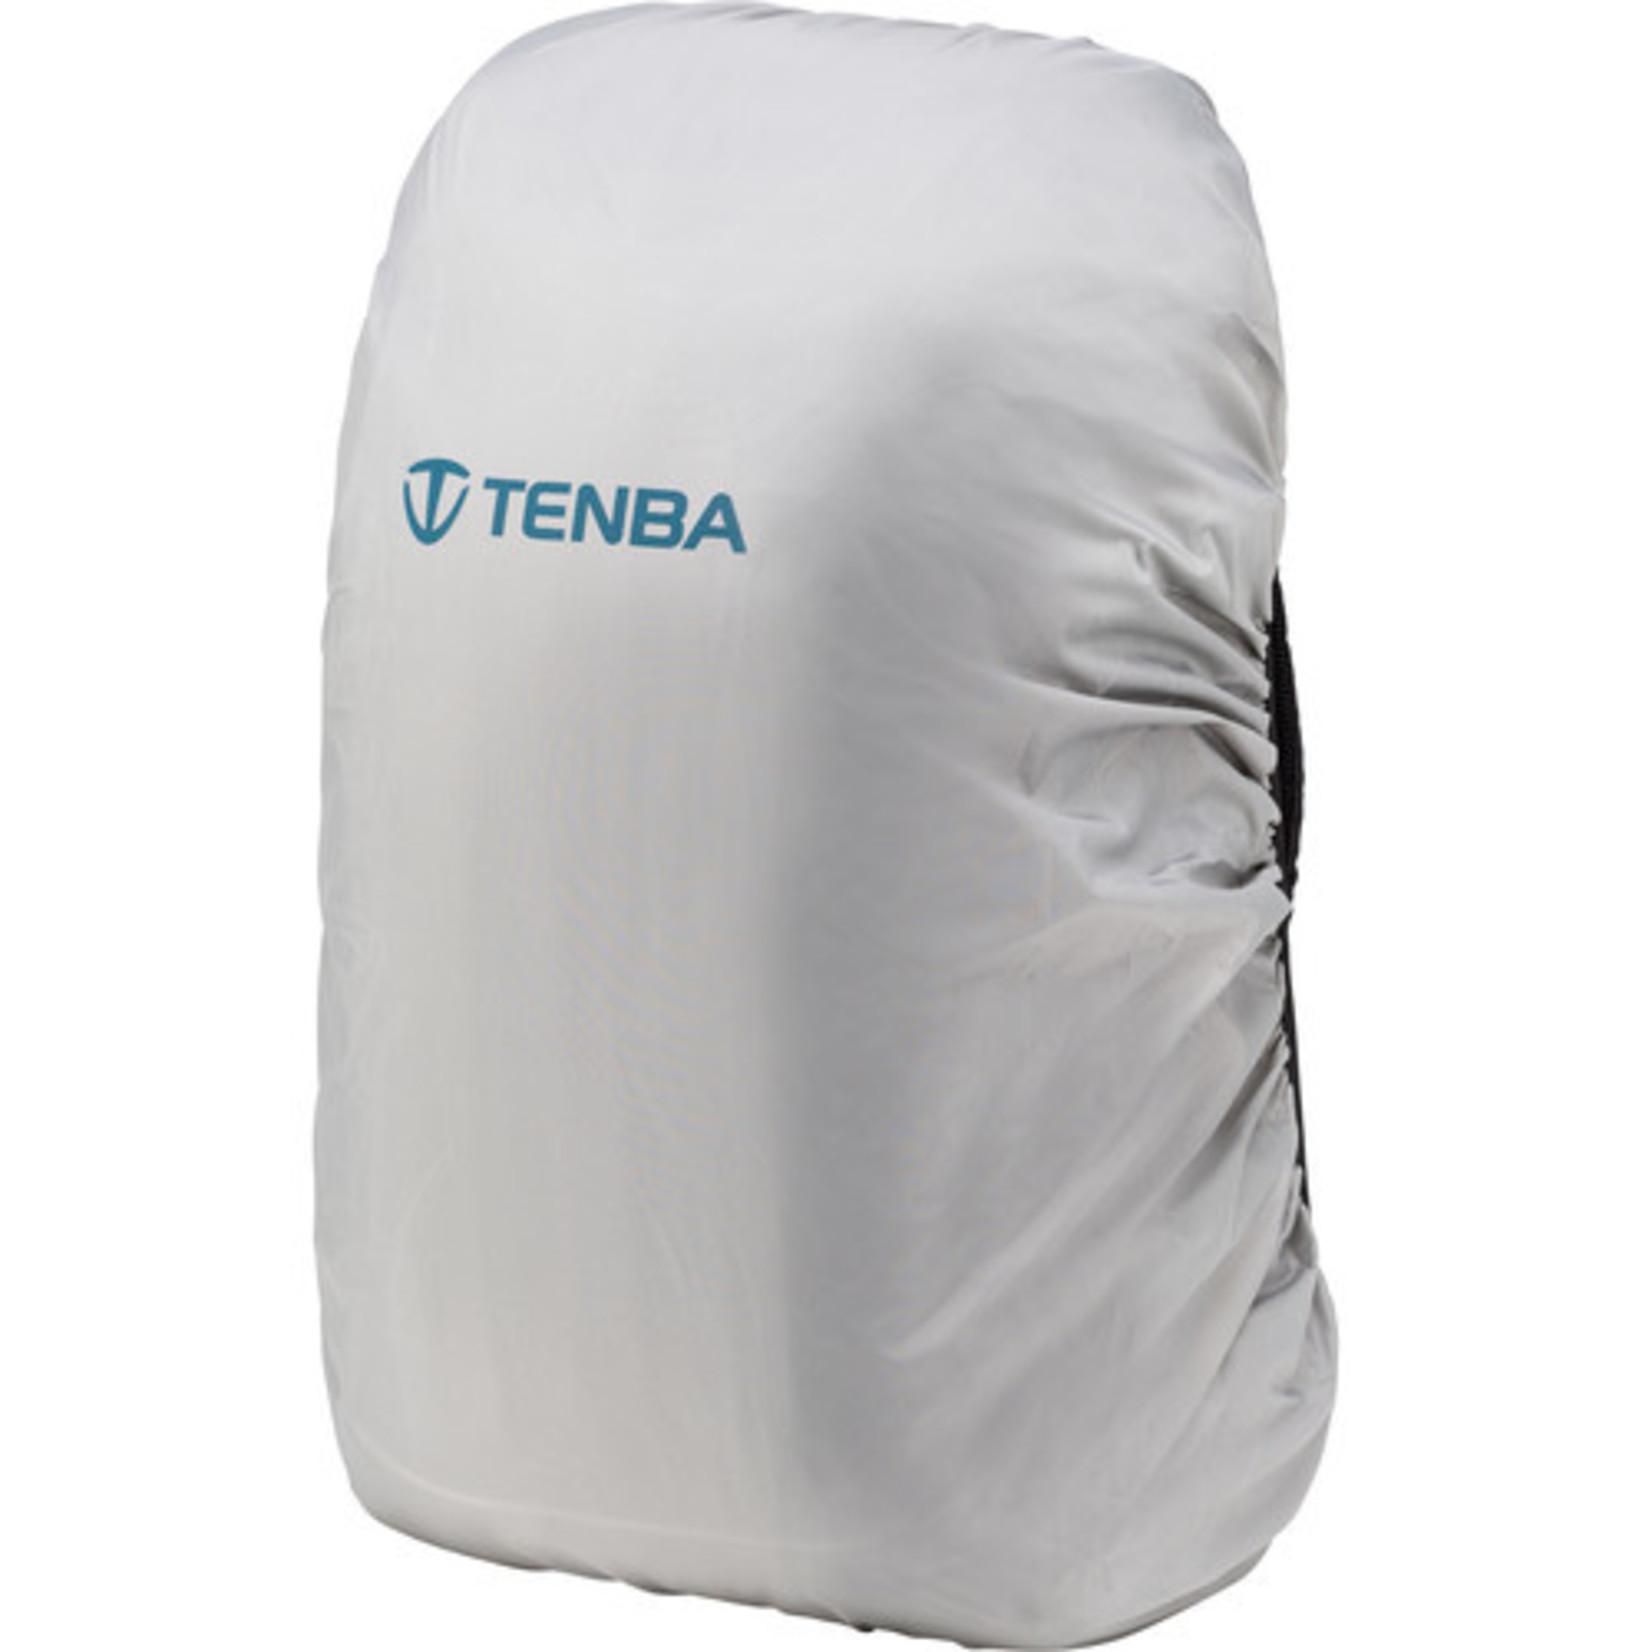 Tenba Tenba Solstice 20L Camera Backpack (Black)